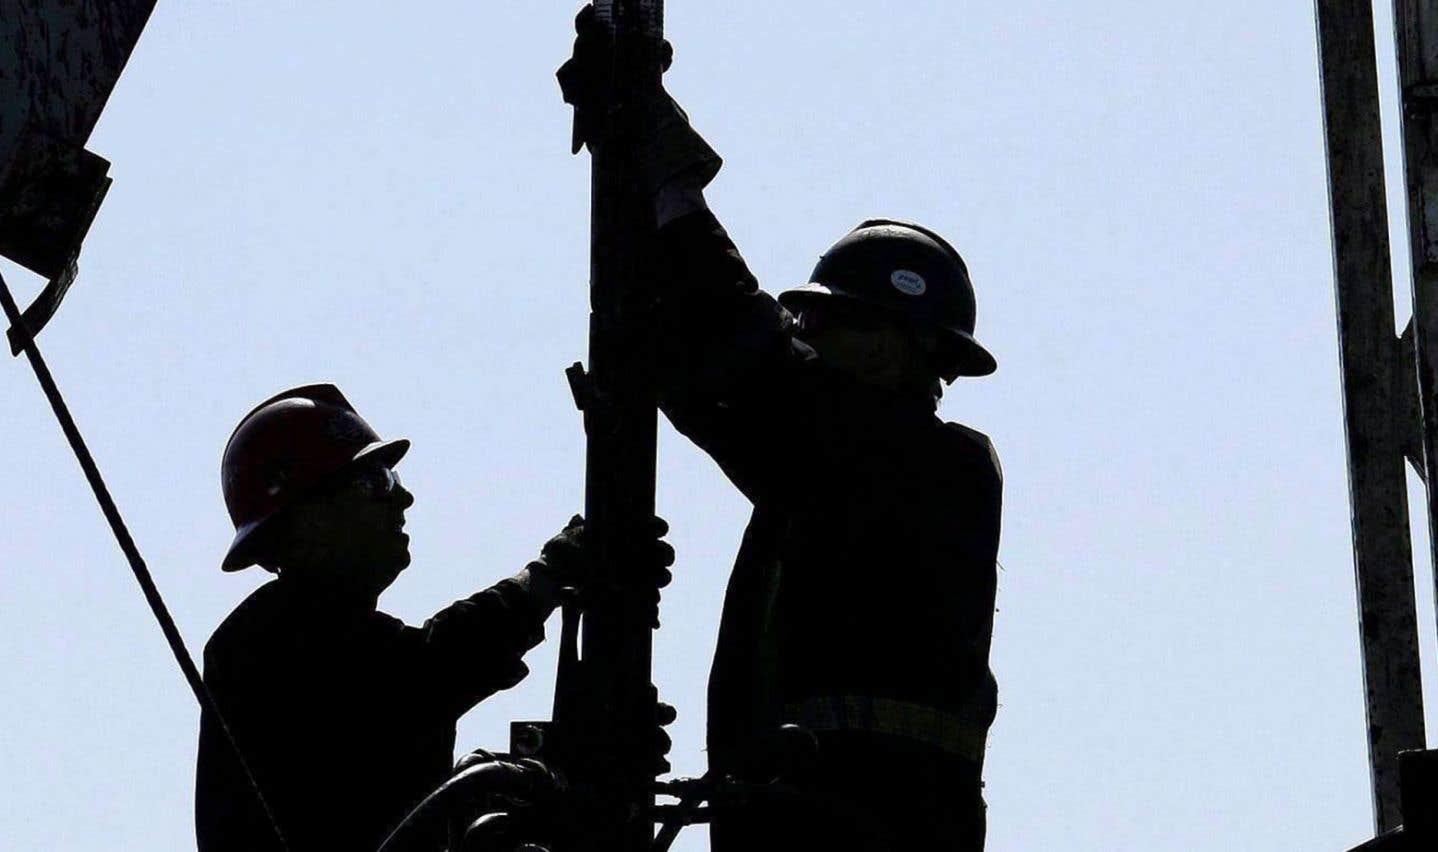 Enbridge, l'entreprise albertaine spécialisée dans le transport du pétrole, est l'une des rares compagnies d'ici à apparaître au classement.